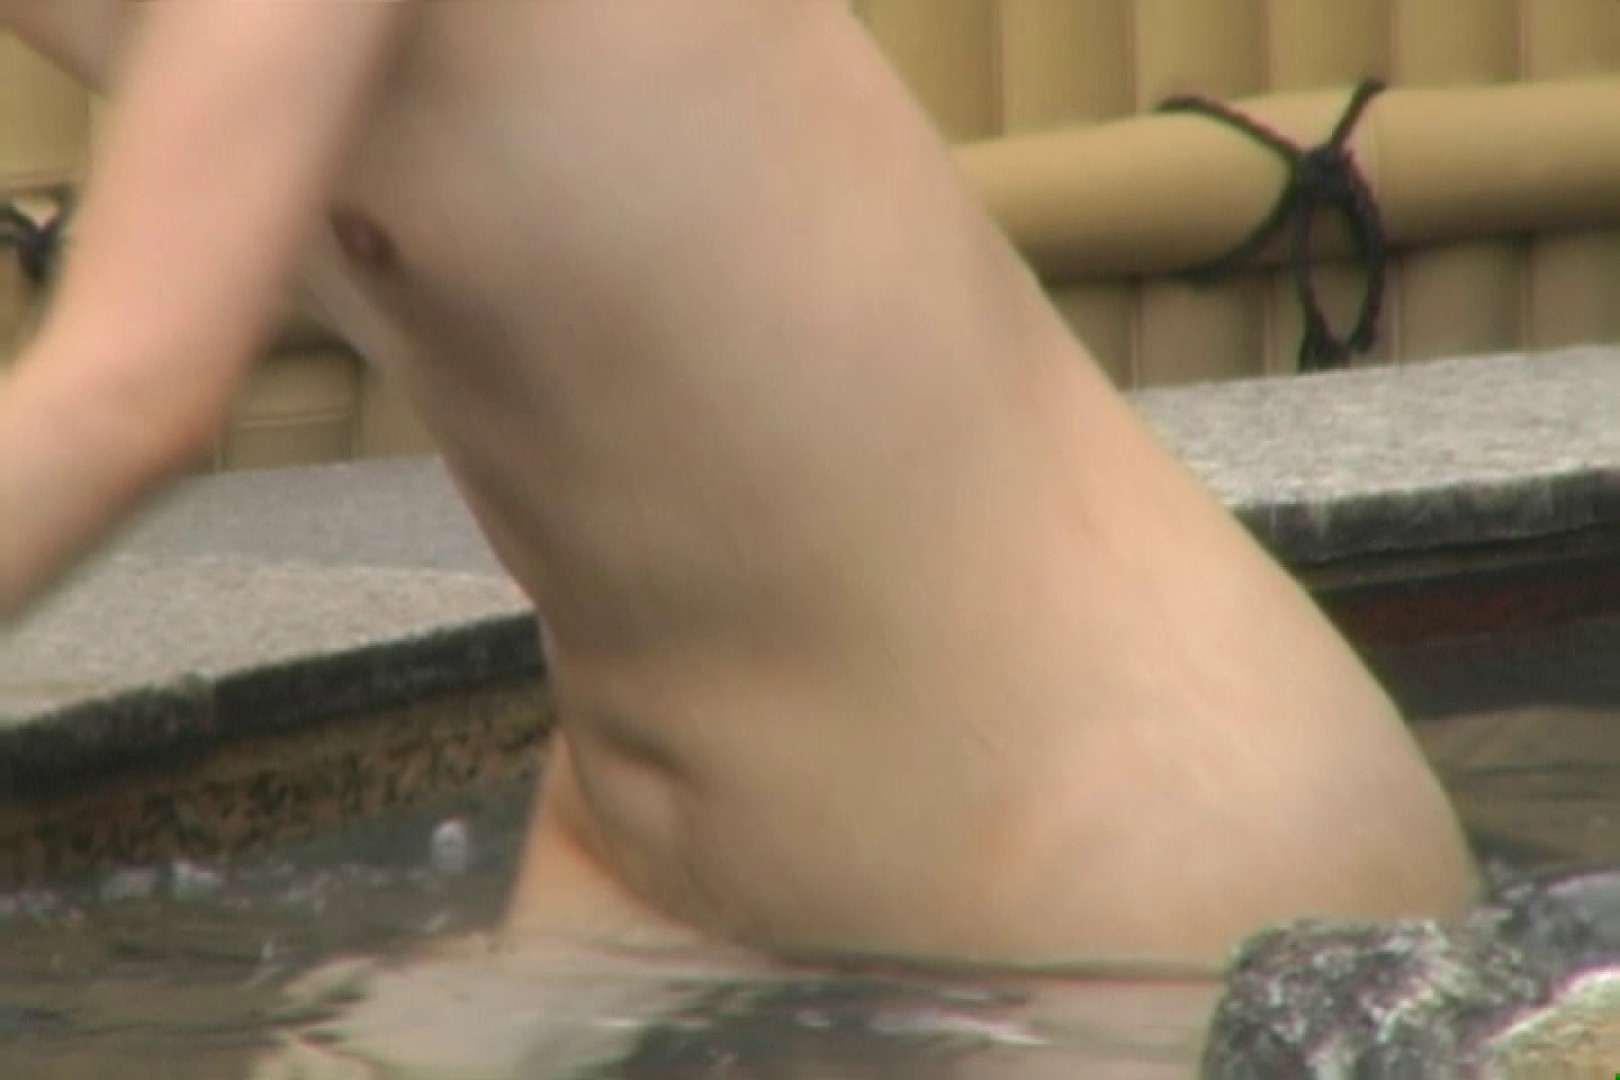 Aquaな露天風呂Vol.616 盗撮 性交動画流出 99画像 86